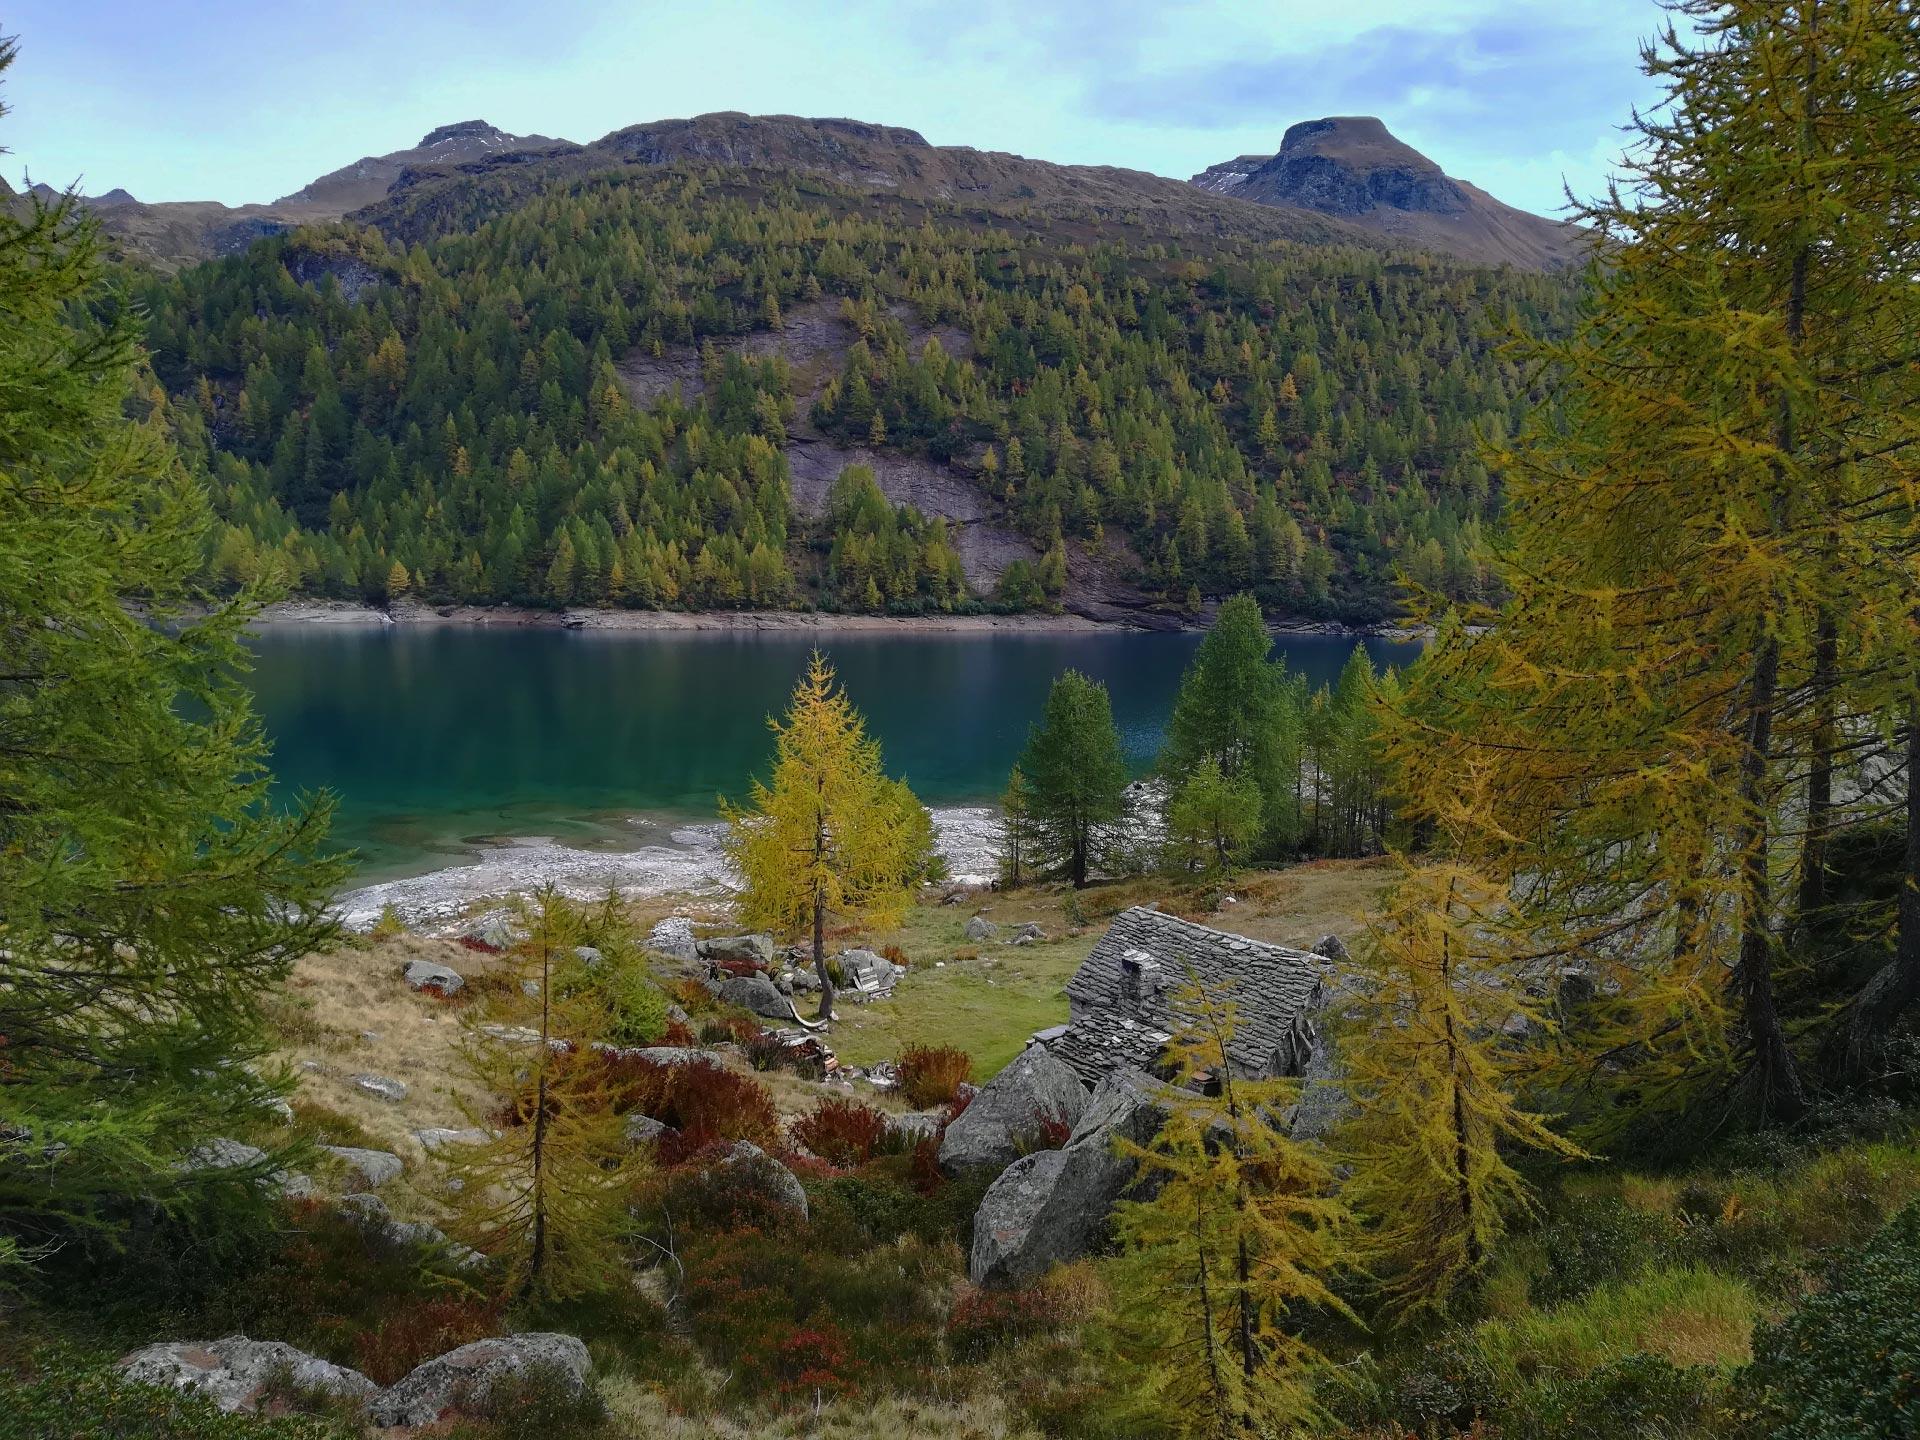 uno scorcio del lago Devero, Verbania, Piemonte